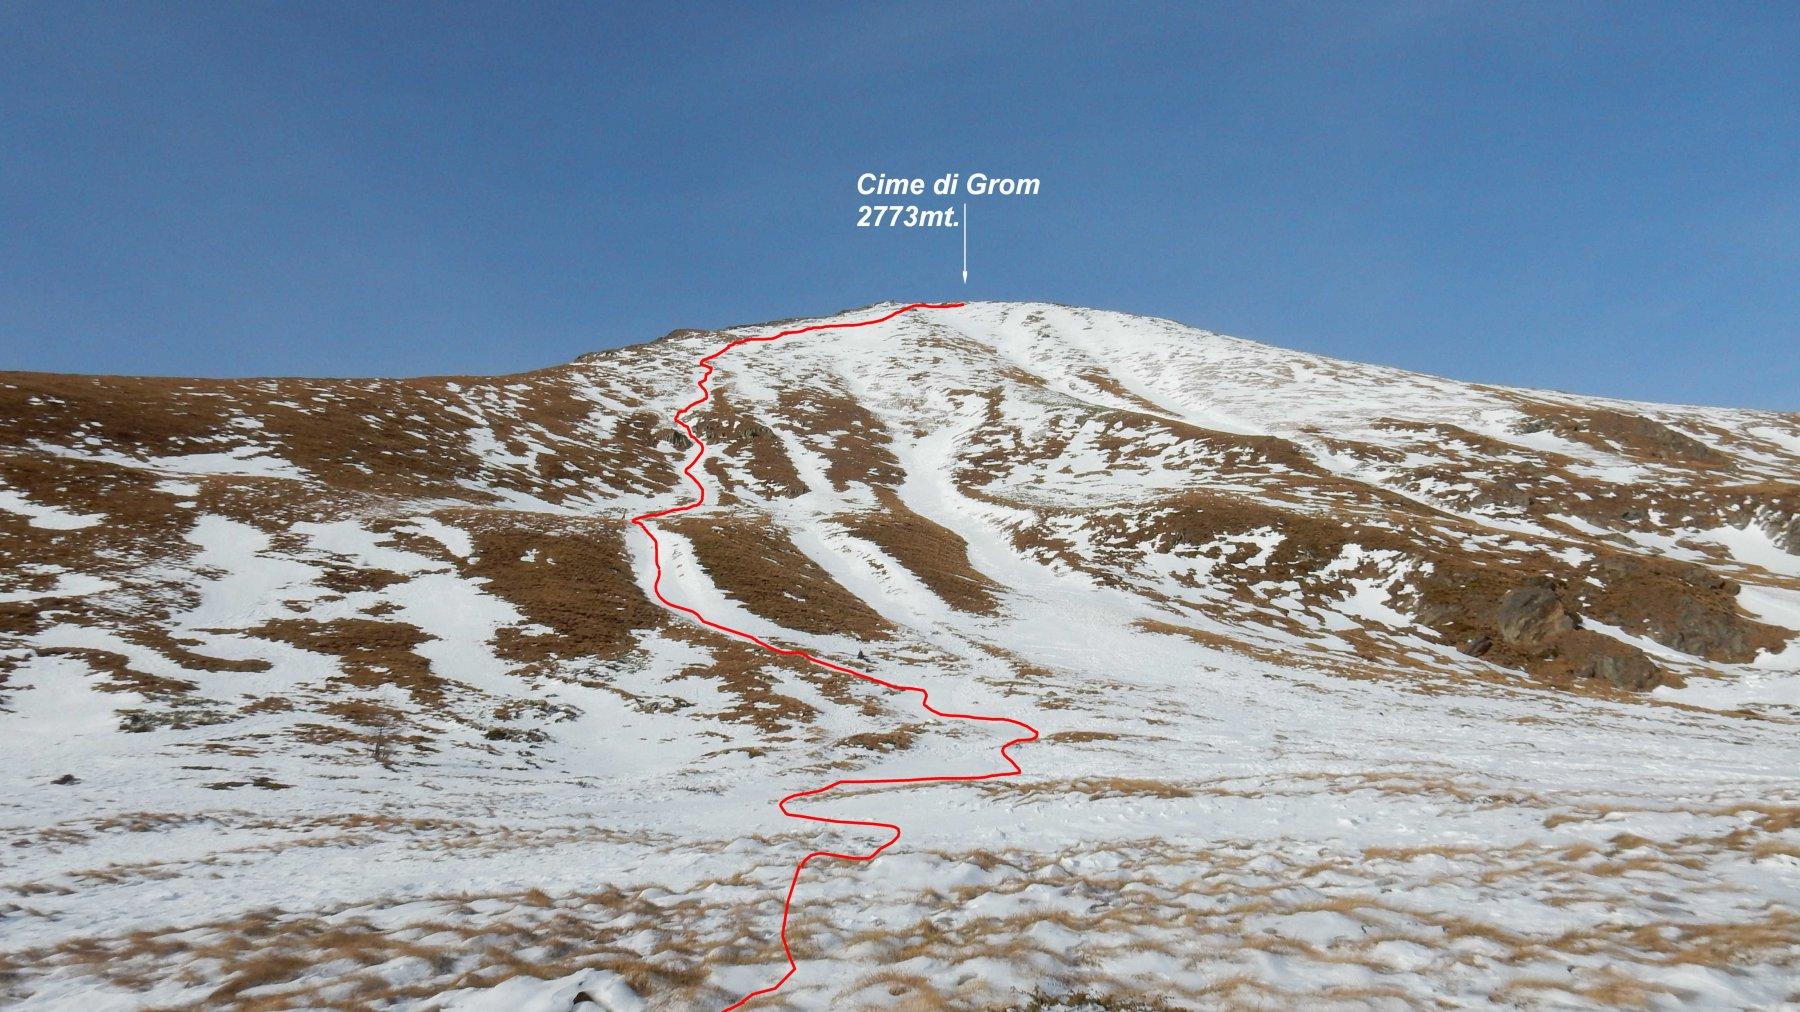 In rosso la traccia di discesa dalle Cime di Grom.